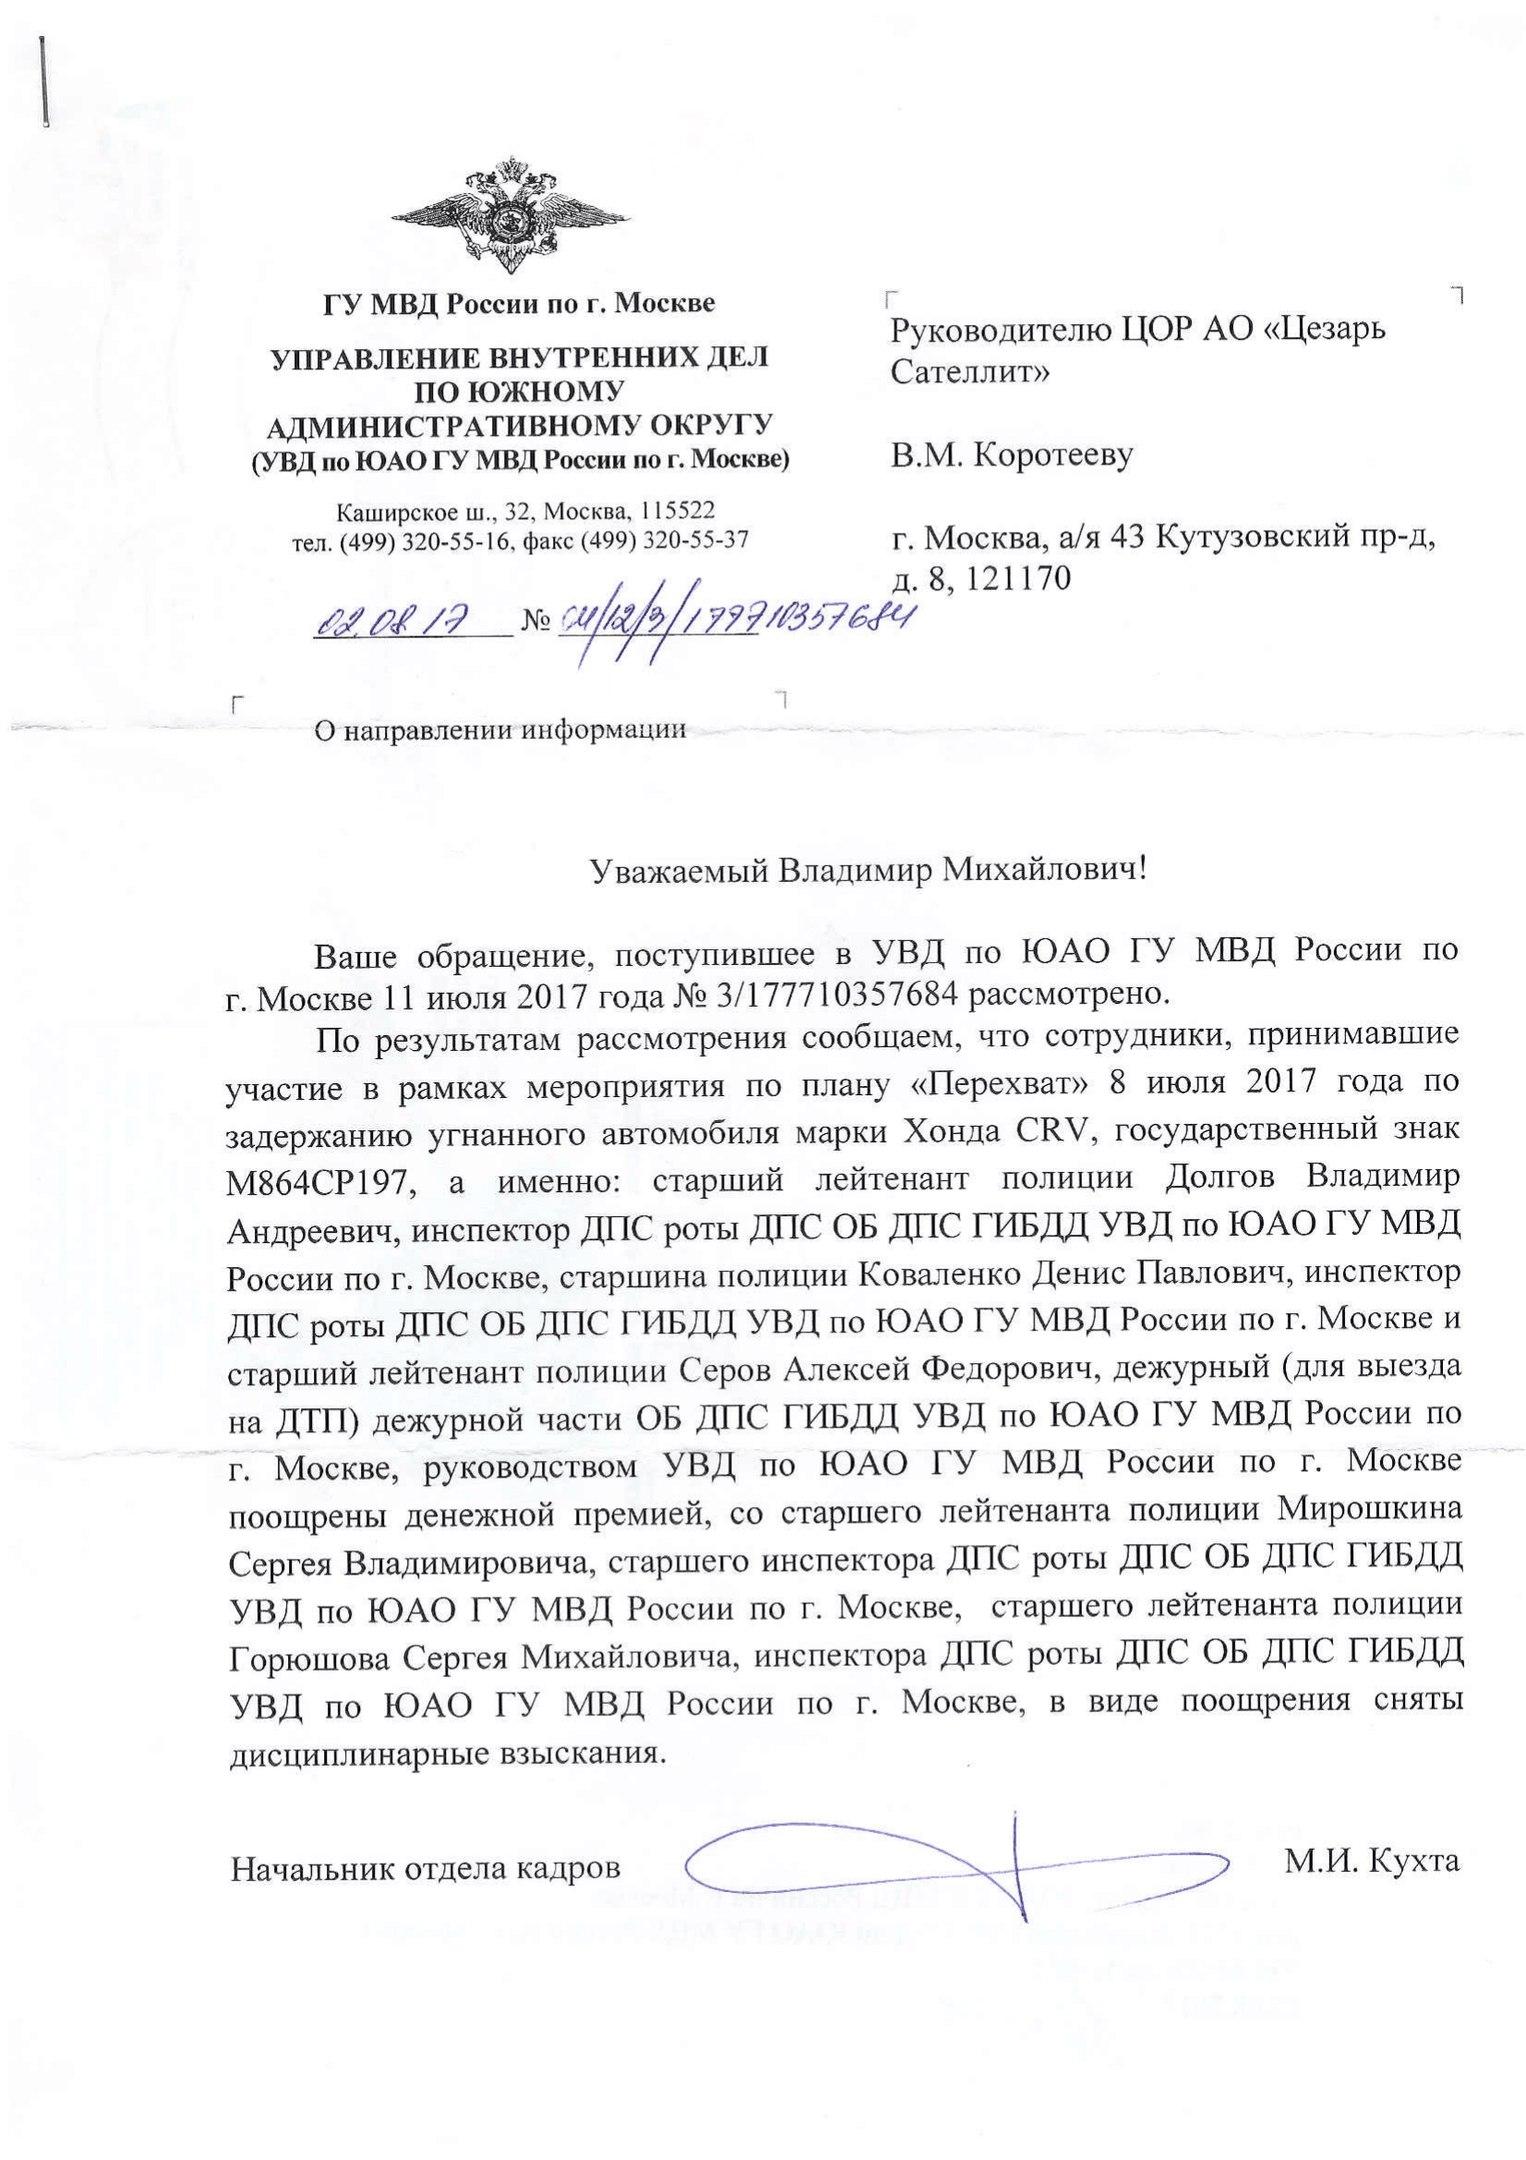 Благодарность от УВД по ЮАО г. Москвы